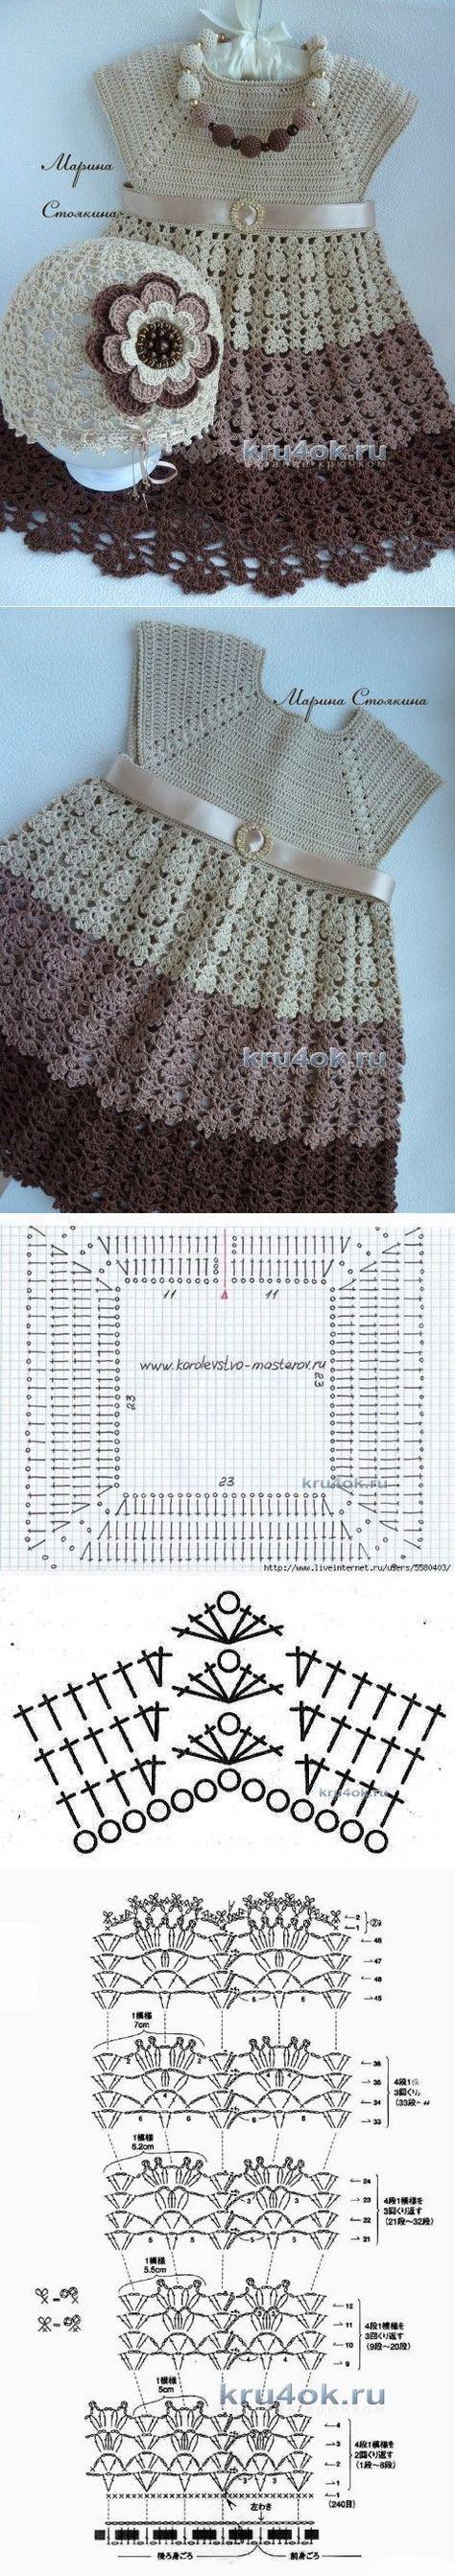 kru4ok.ru   APRENDIENDO A TEJER   Pinterest   Newborn crochet and ...